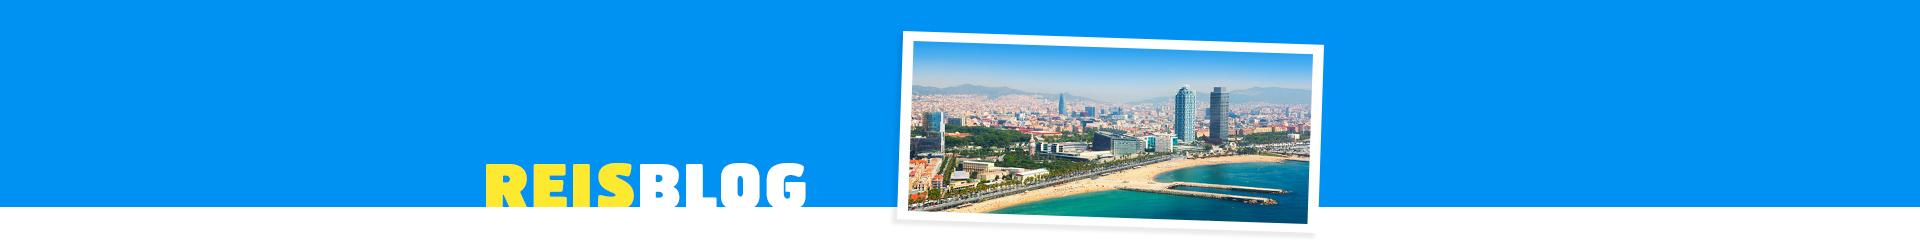 Boulevard van Barcelona, met een panorama uitkijkend over deze prachtige stad.